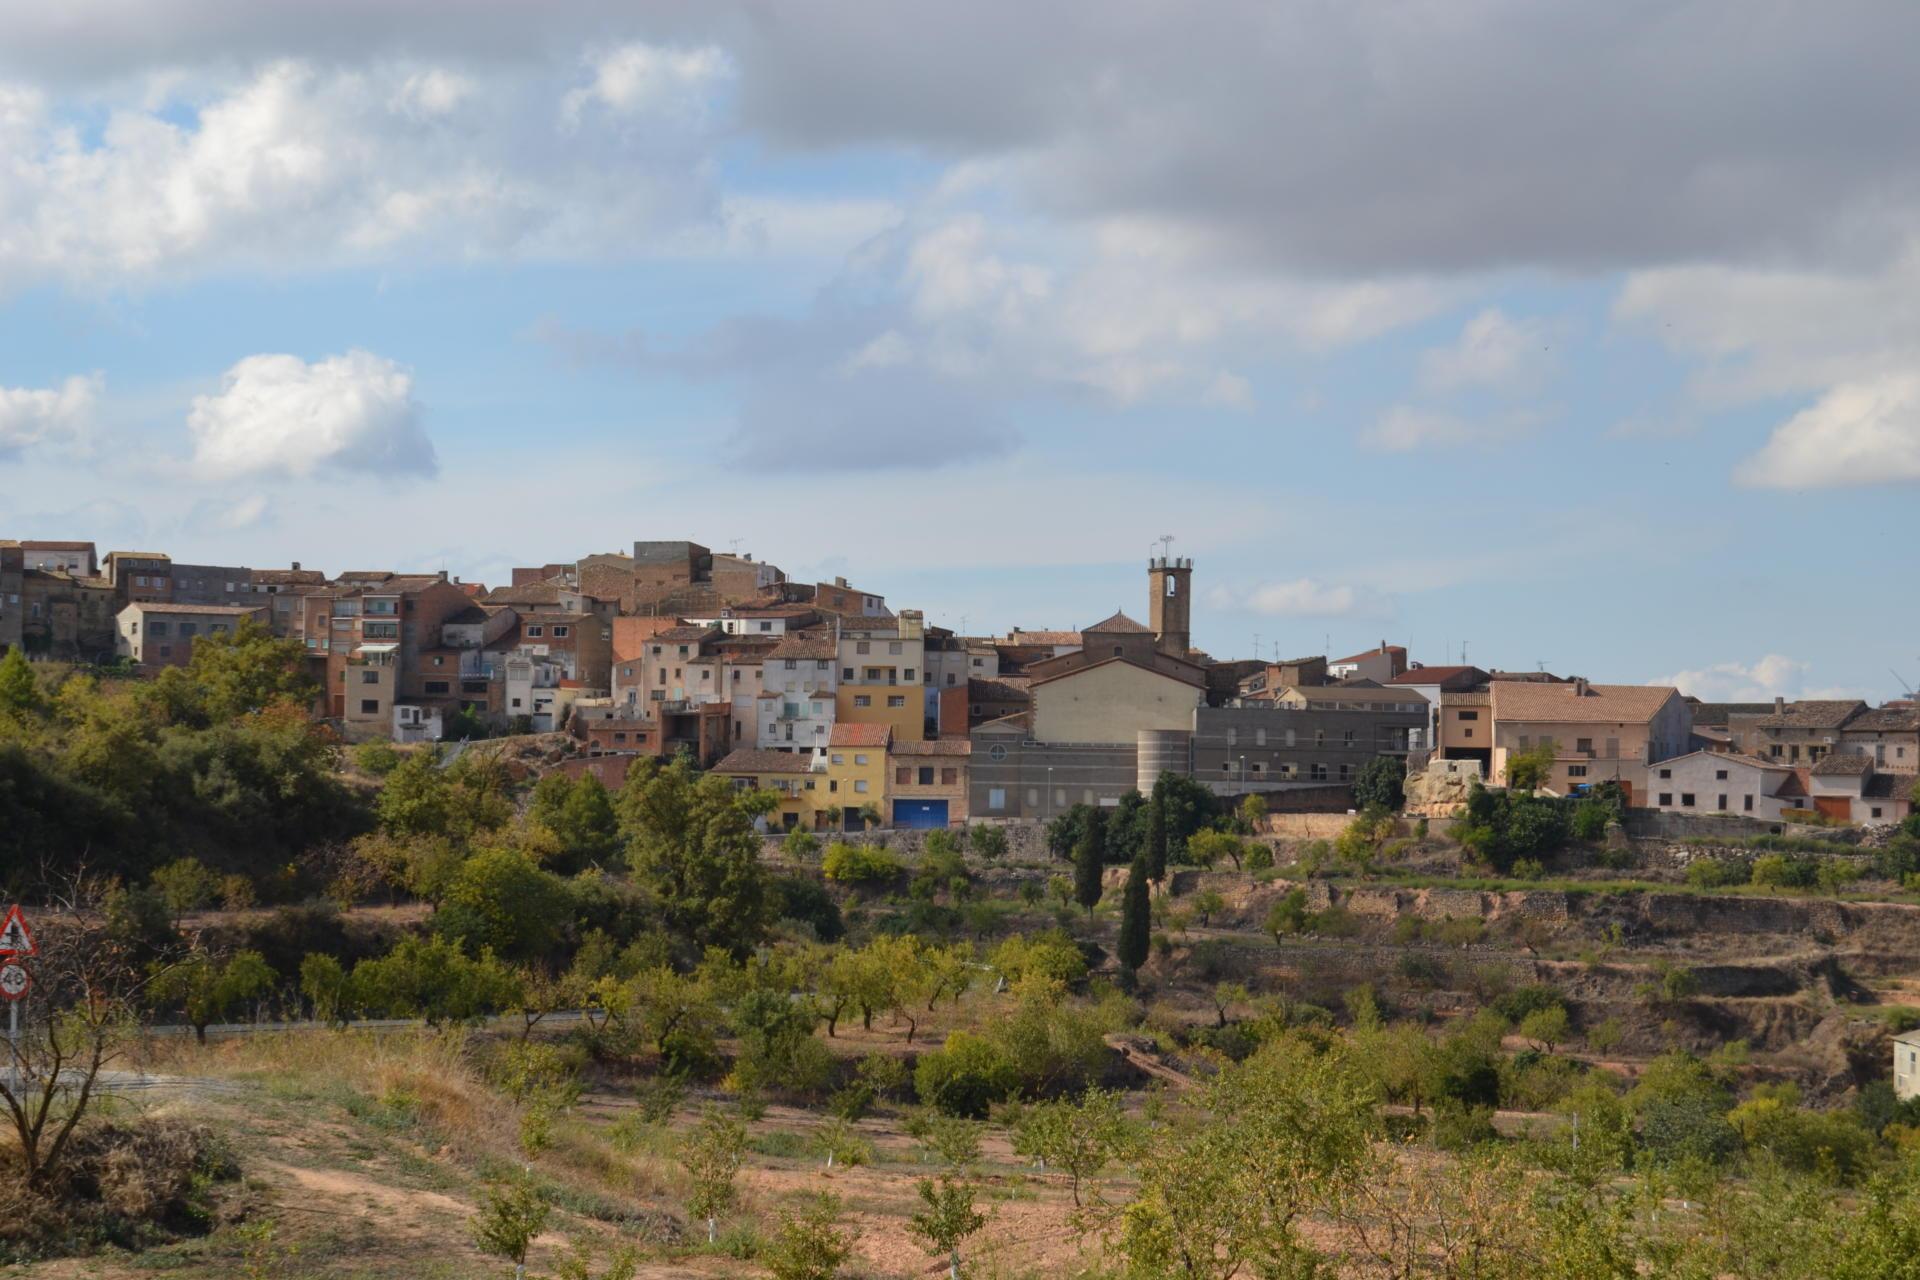 Vista de Juncosa de les Garrigues, mig del món segons la llegenda. Font: Wikimedia Commons